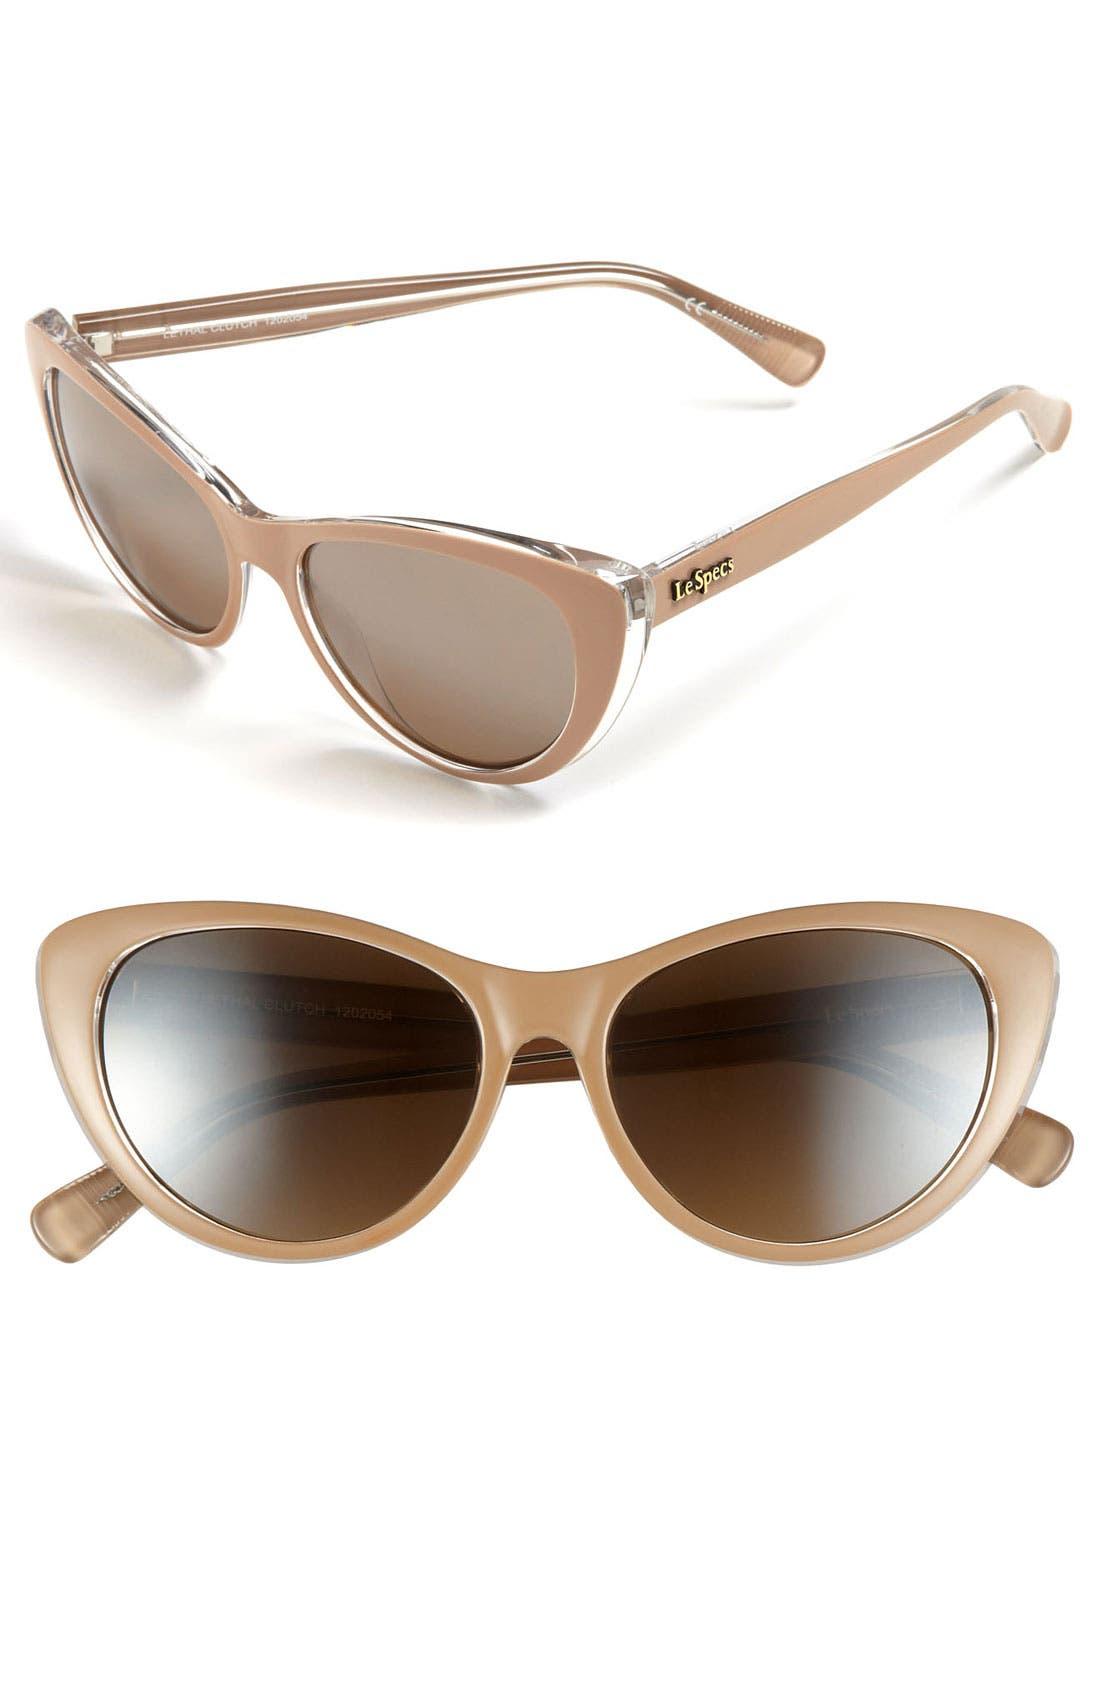 Main Image - Le Specs 'Lethal Clutch' Sunglasses